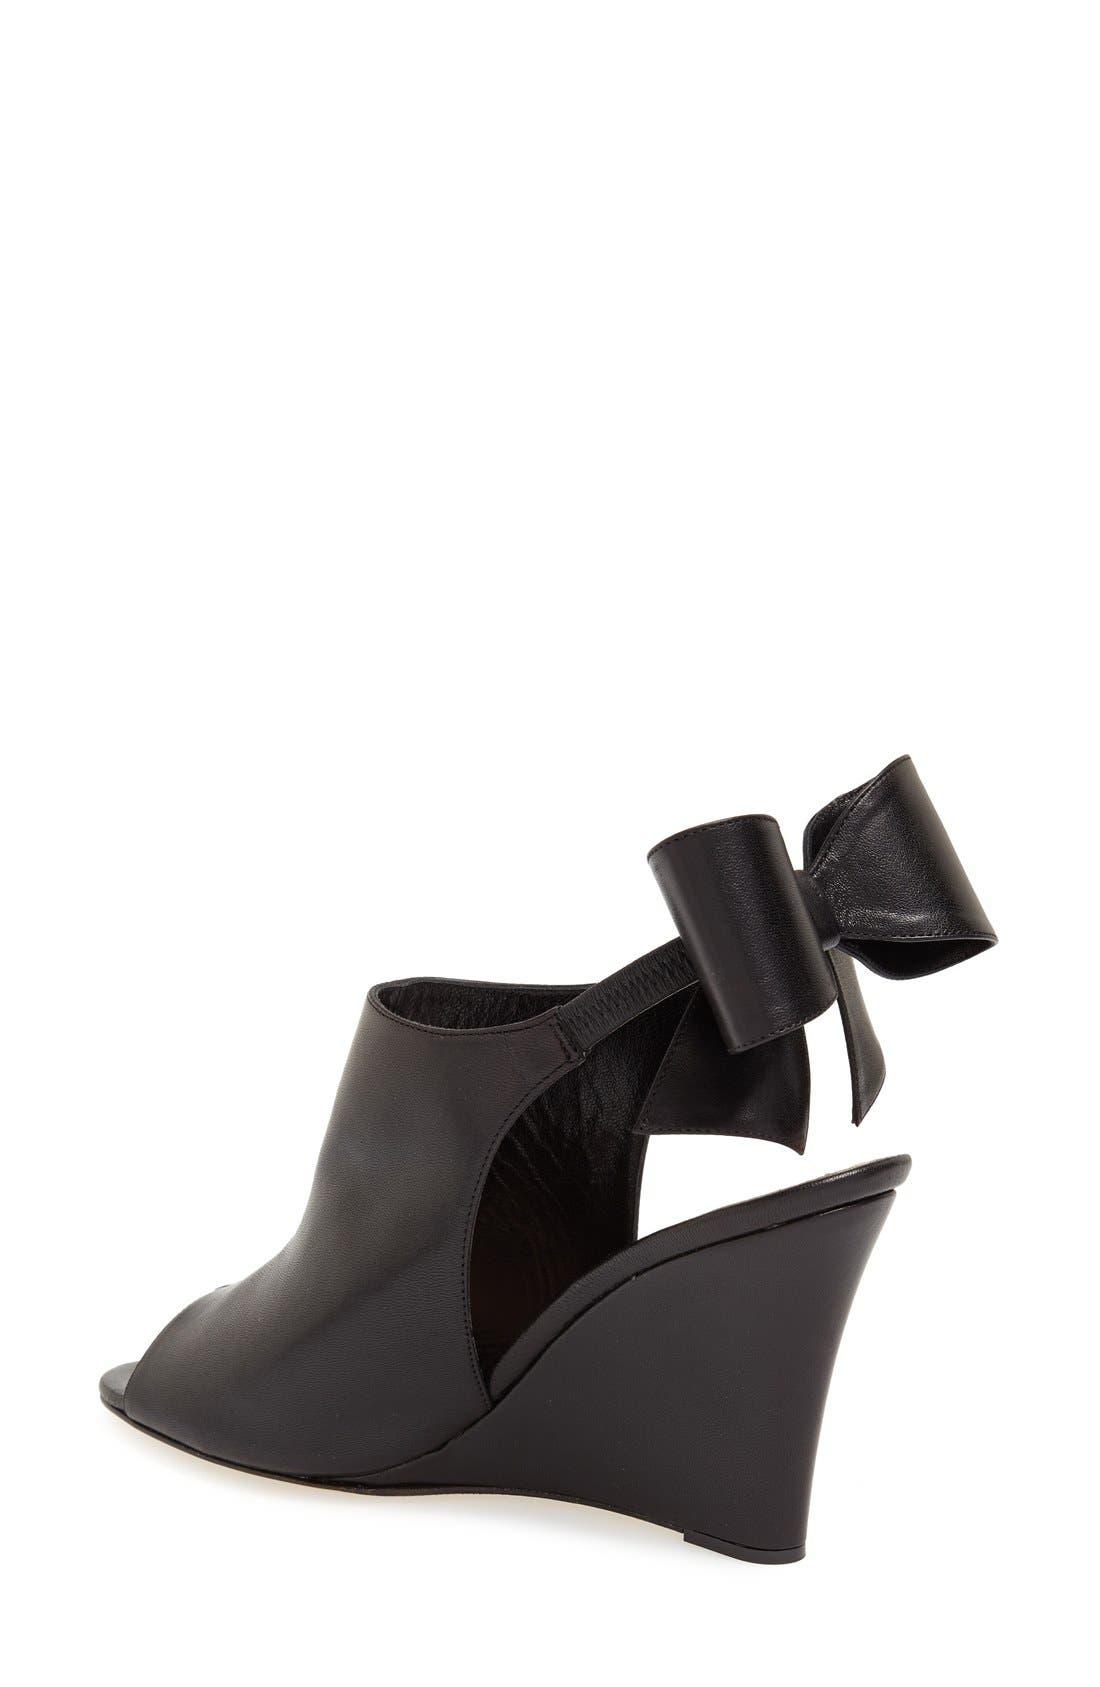 Alternate Image 2  - kate spade new york 'ira' slingback sandal (Women)